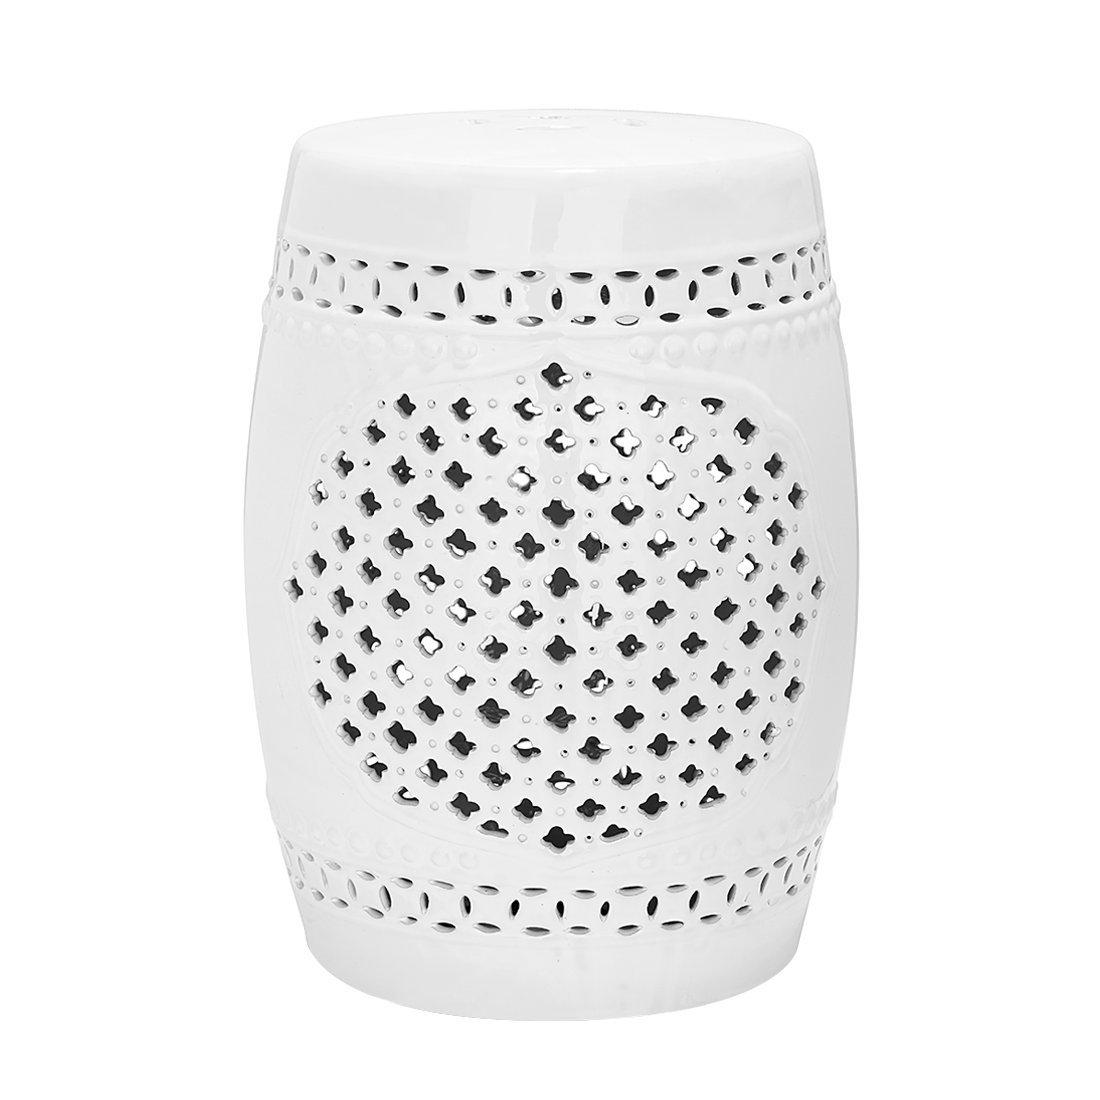 Gartenhocker Quatrefoil Farbe: Weiß kaufen